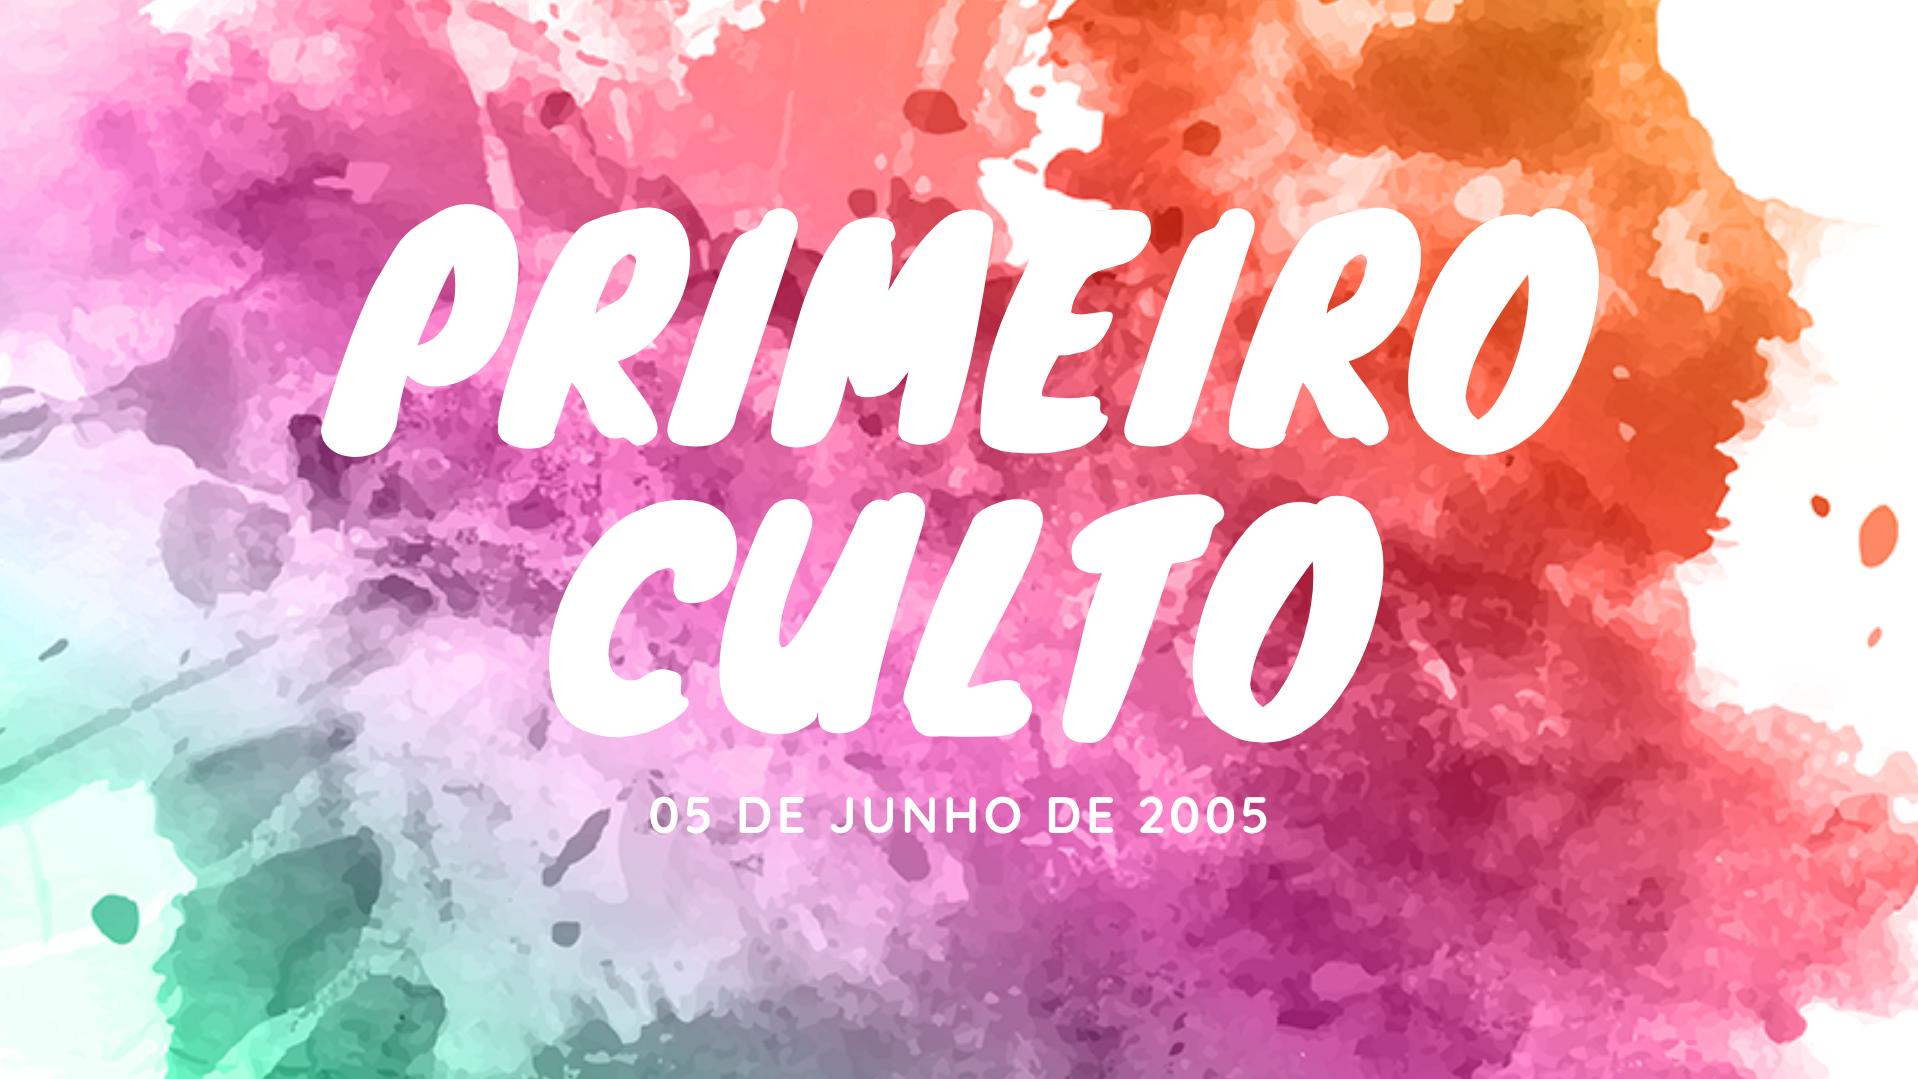 ALGUNS MOMENTOS DO PRIMEIRO CULTO DA 5ª IGREJA